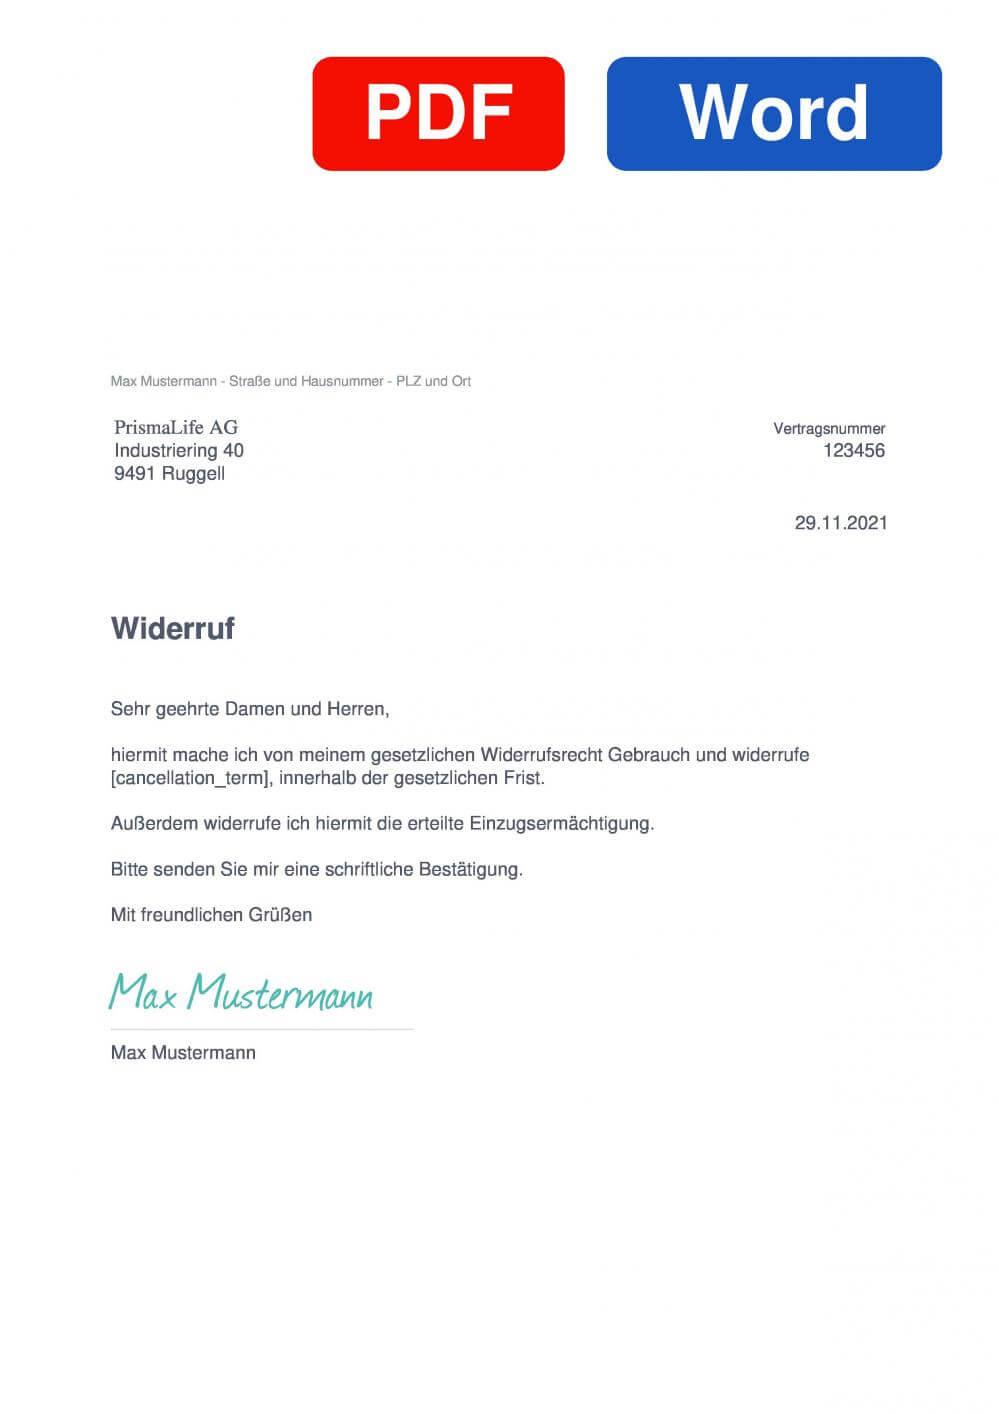 PrismaLife Muster Vorlage für Wiederrufsschreiben